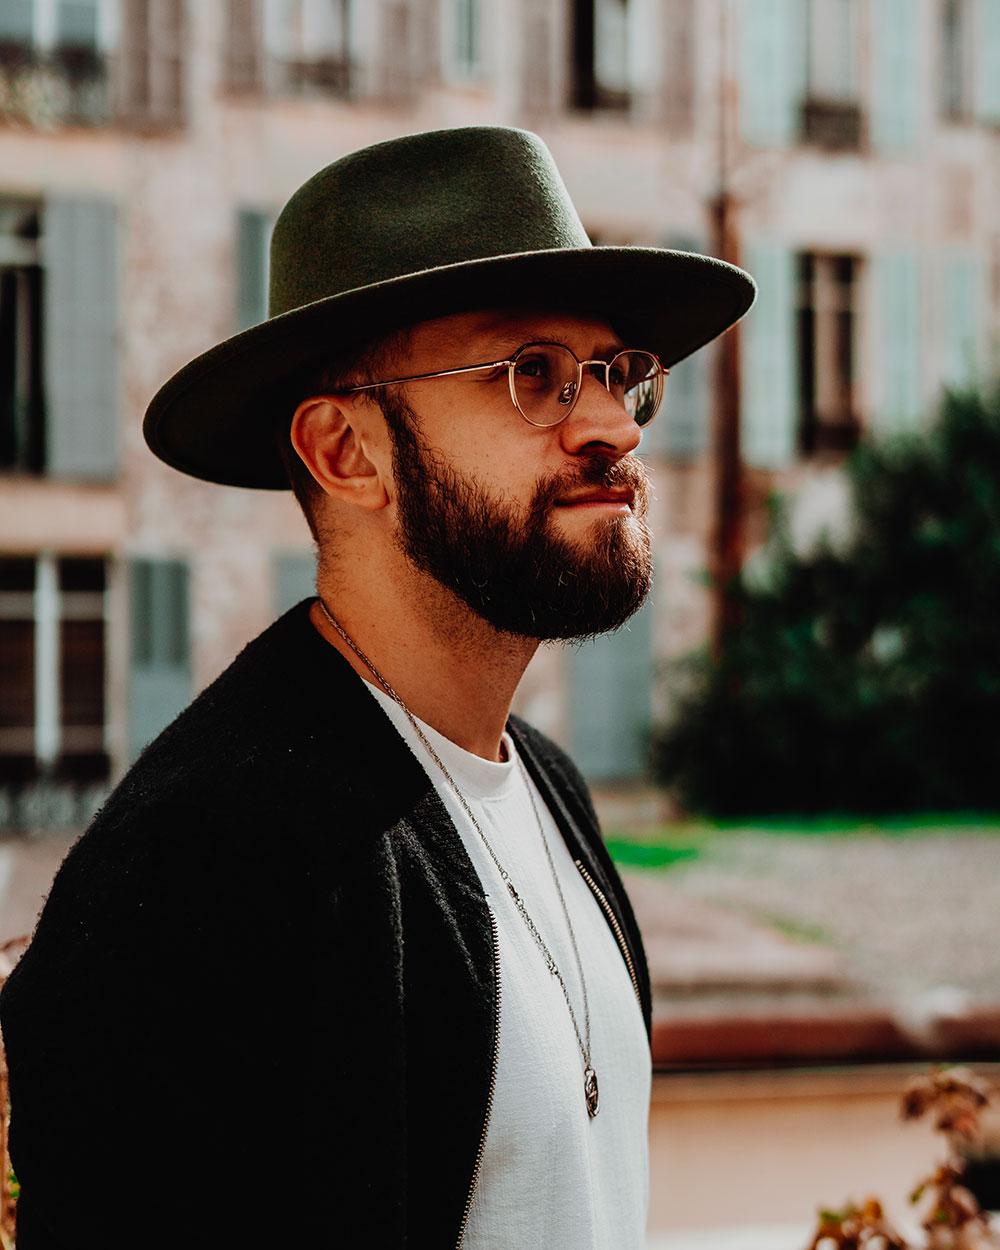 chapeaux-casquettes-hommes-tendances